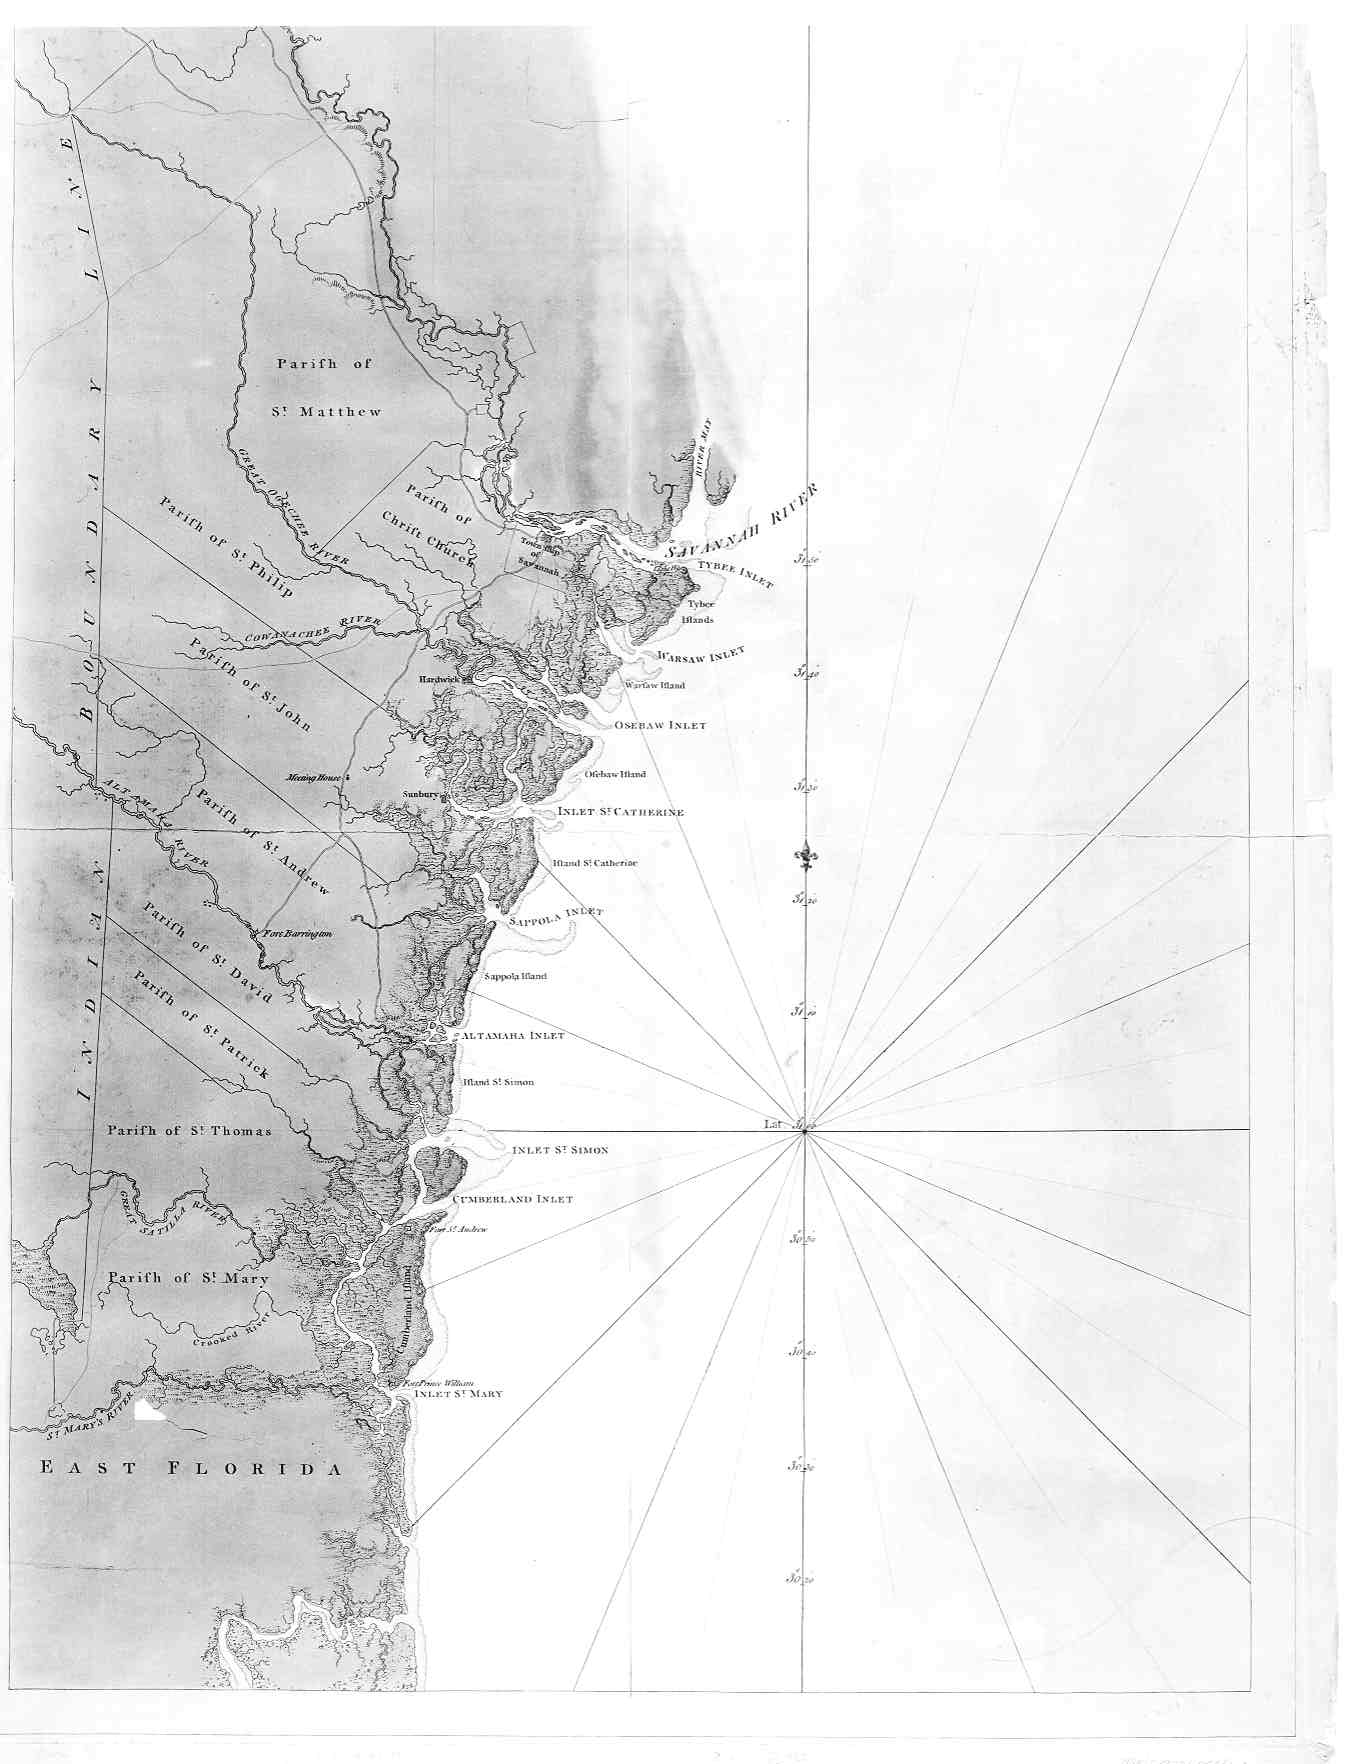 Map Of South Carolina And Georgia Coast English - Georgia map in english